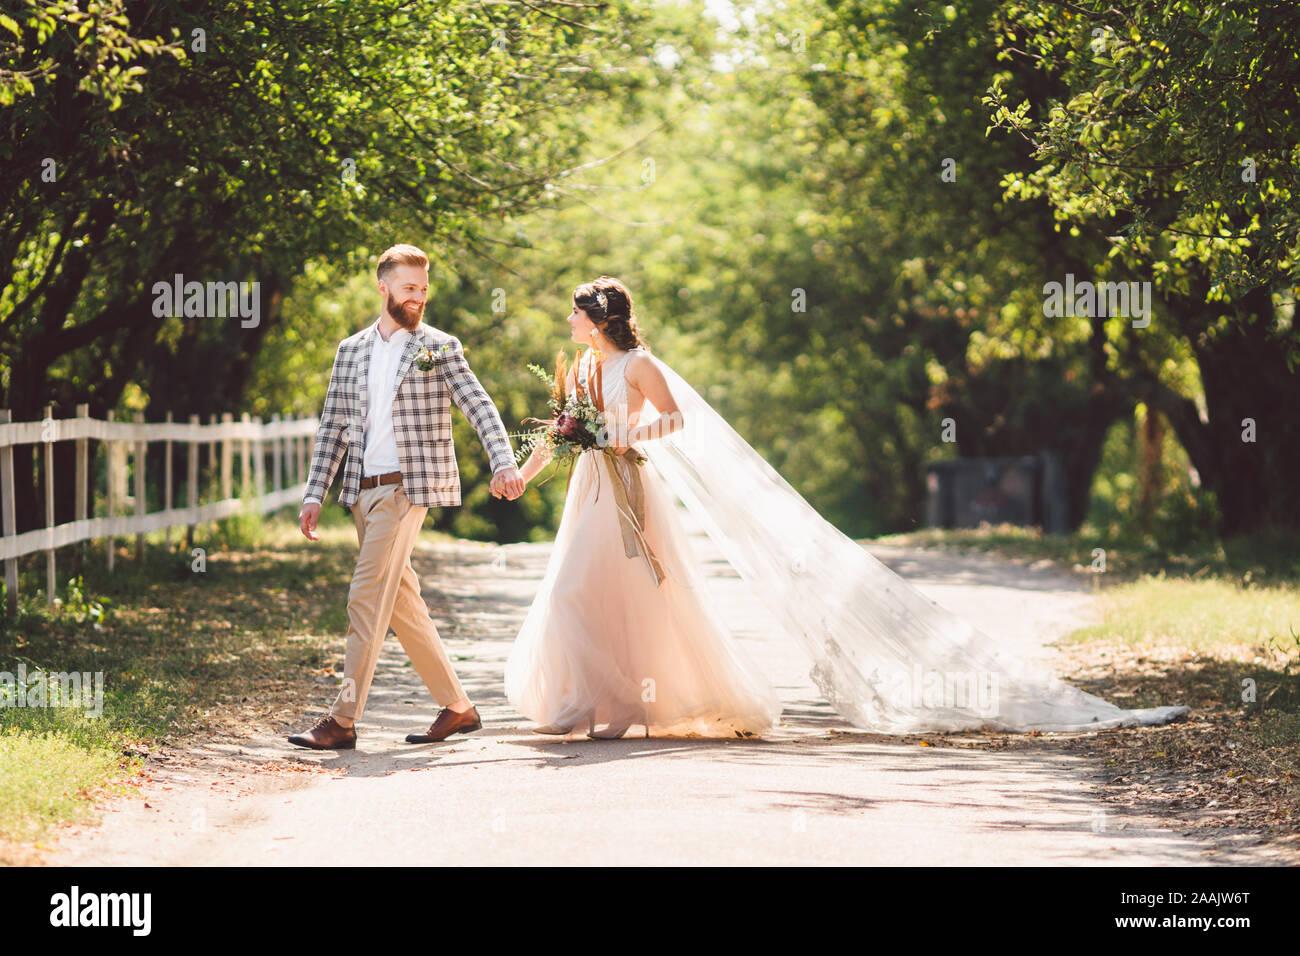 Schöne Hochzeit paar Holz Wald. Braut und Bräutigam, Follow me, Ehepaar, Frau in weißem Brautkleid und Schleier. Rustikal im Freien Liebesgeschichte Stockfoto